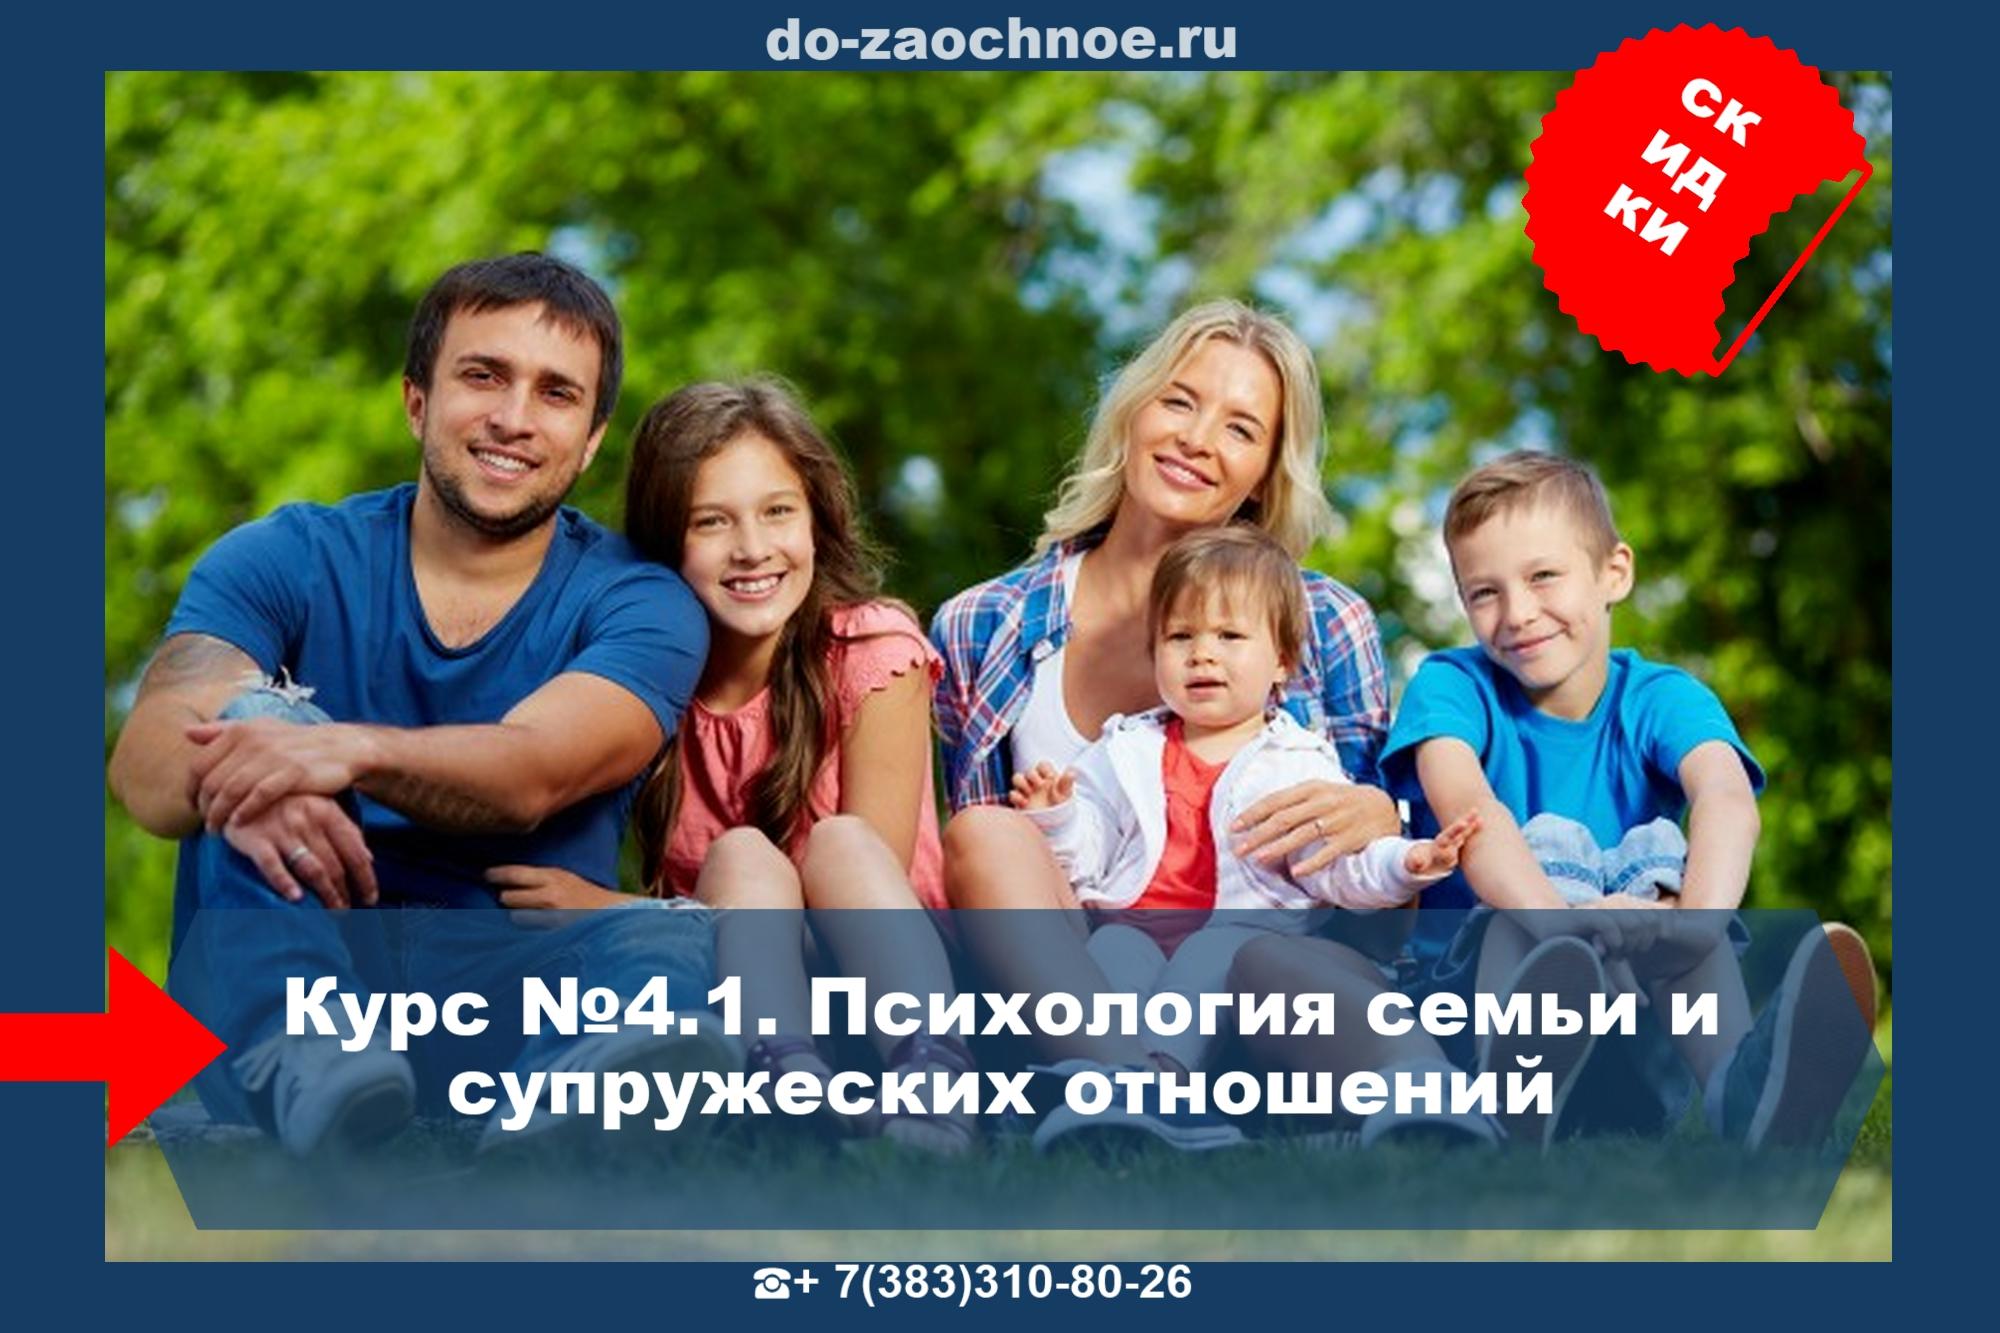 Дистанционный курс Психология семьи и супружеских отношений на do-zaochnoe.ru